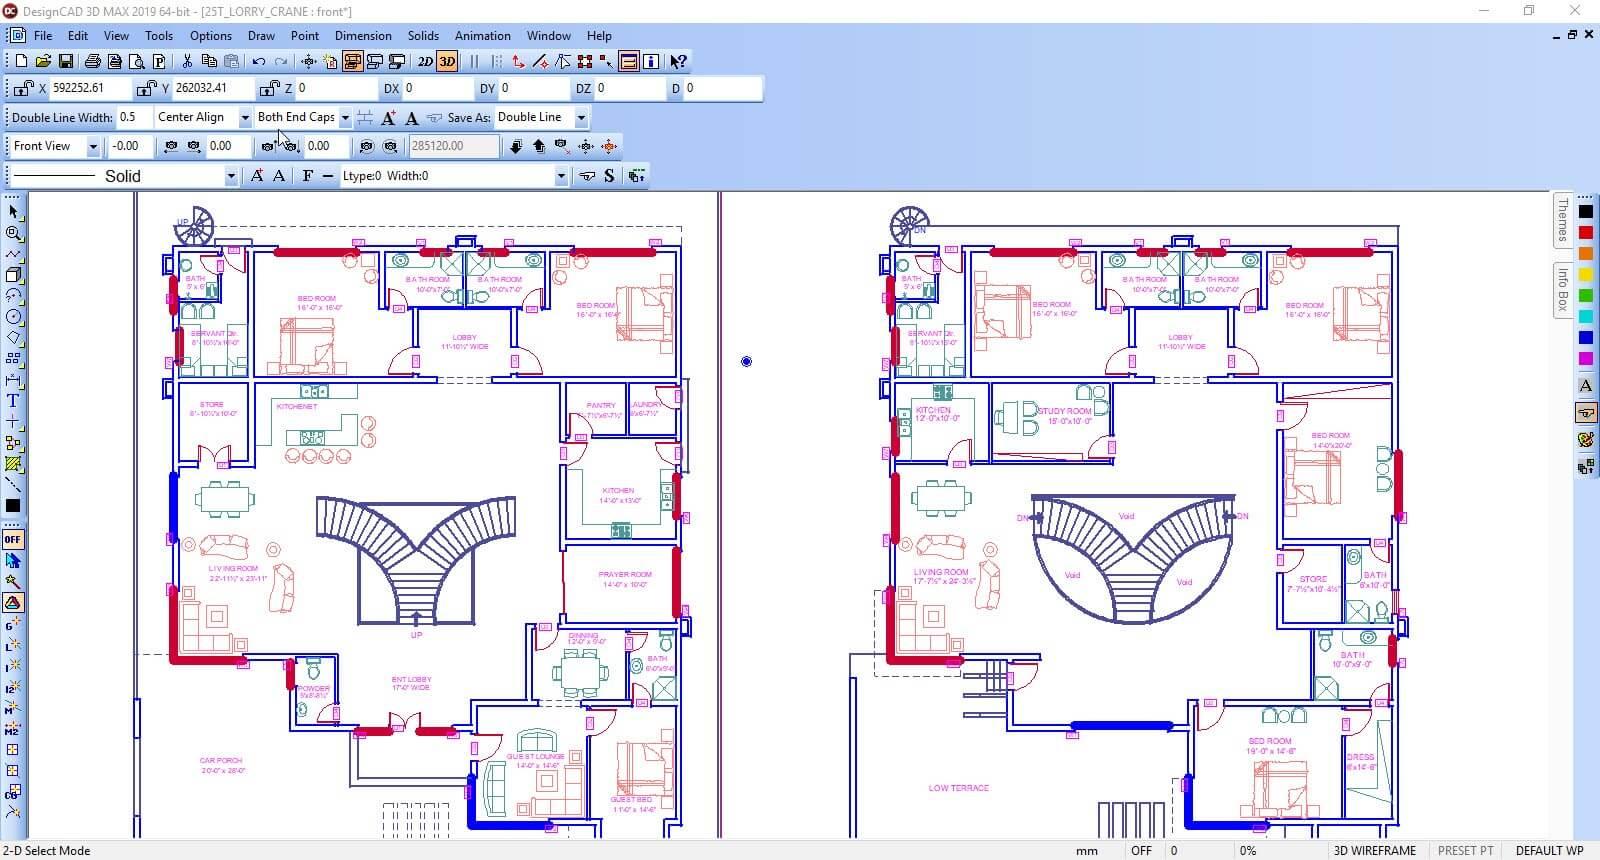 DesignCAD 2D 2019 - TurboCAD via IMSI Design